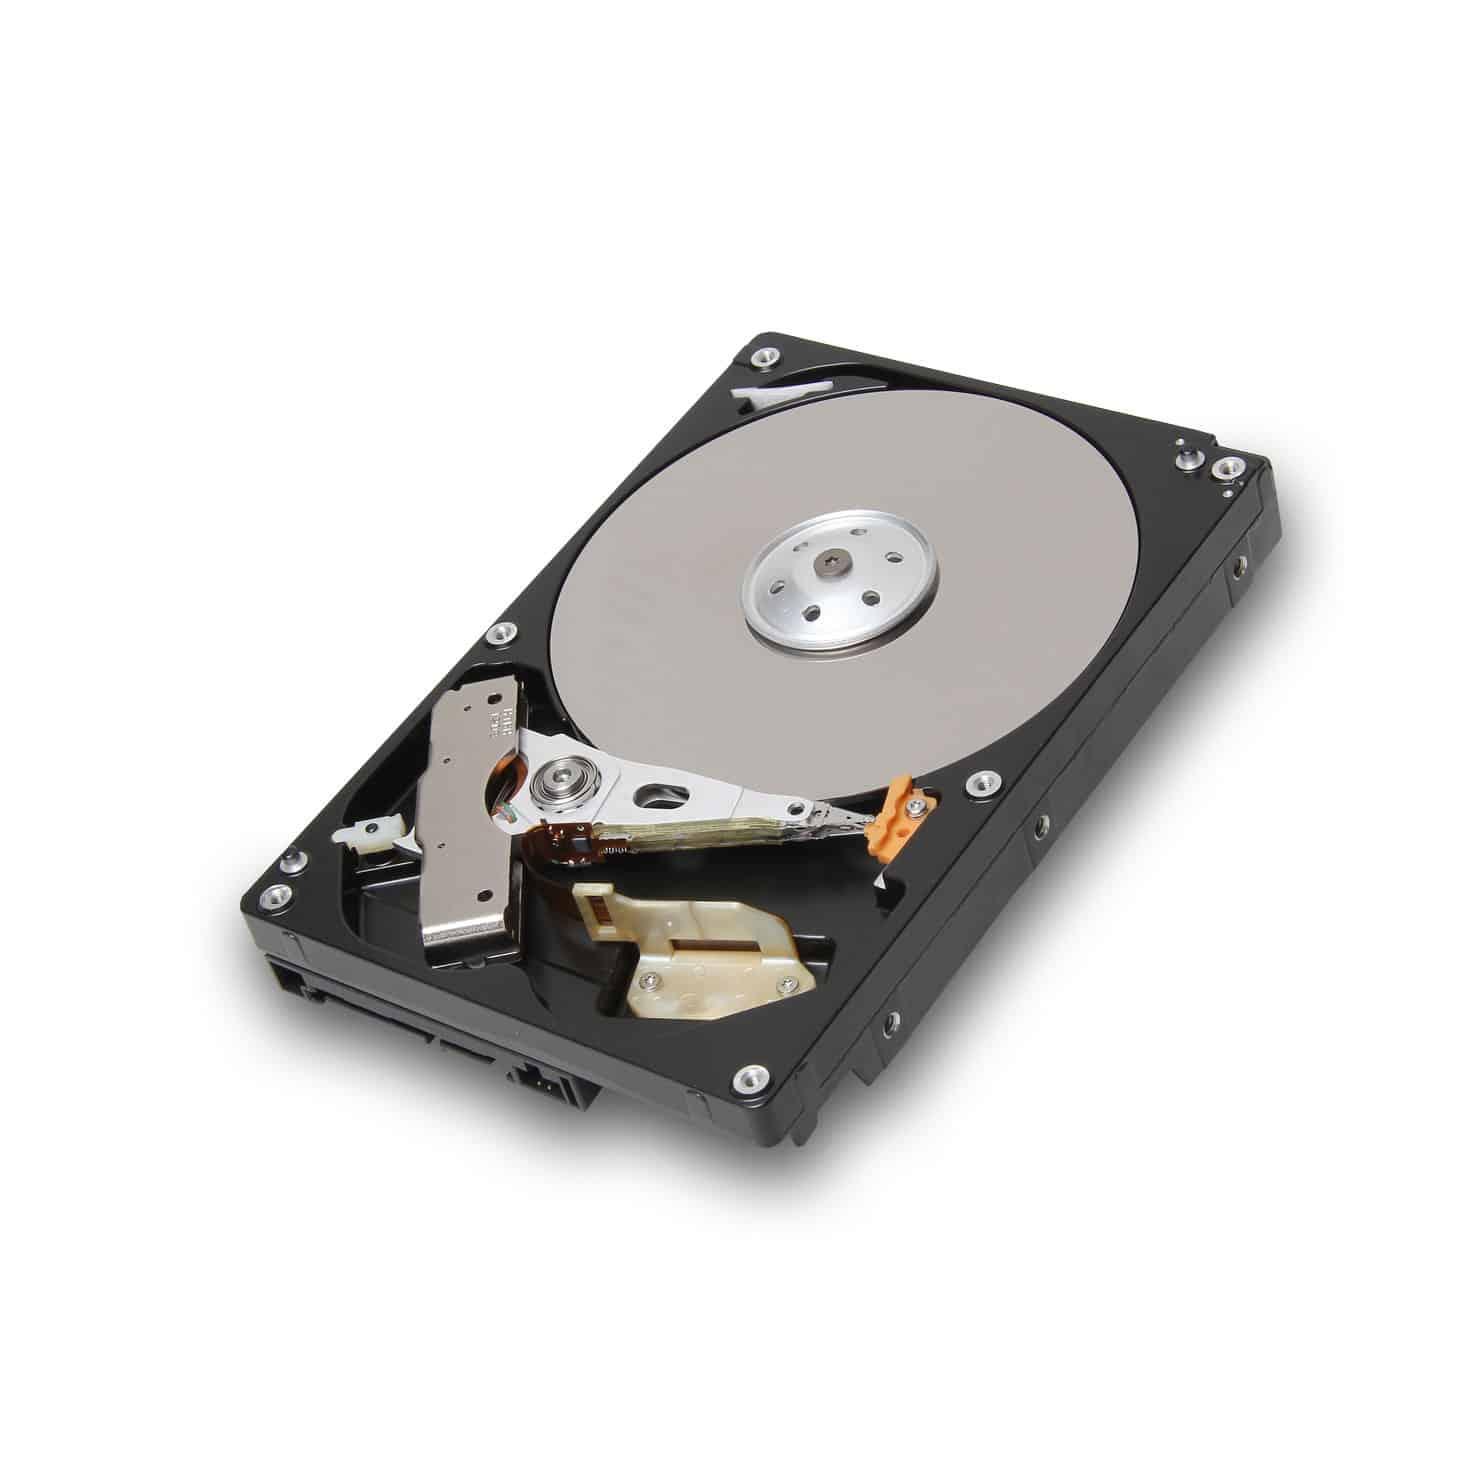 Toshiba – 500GB SATA (2.5 Note pad Hard Drive)